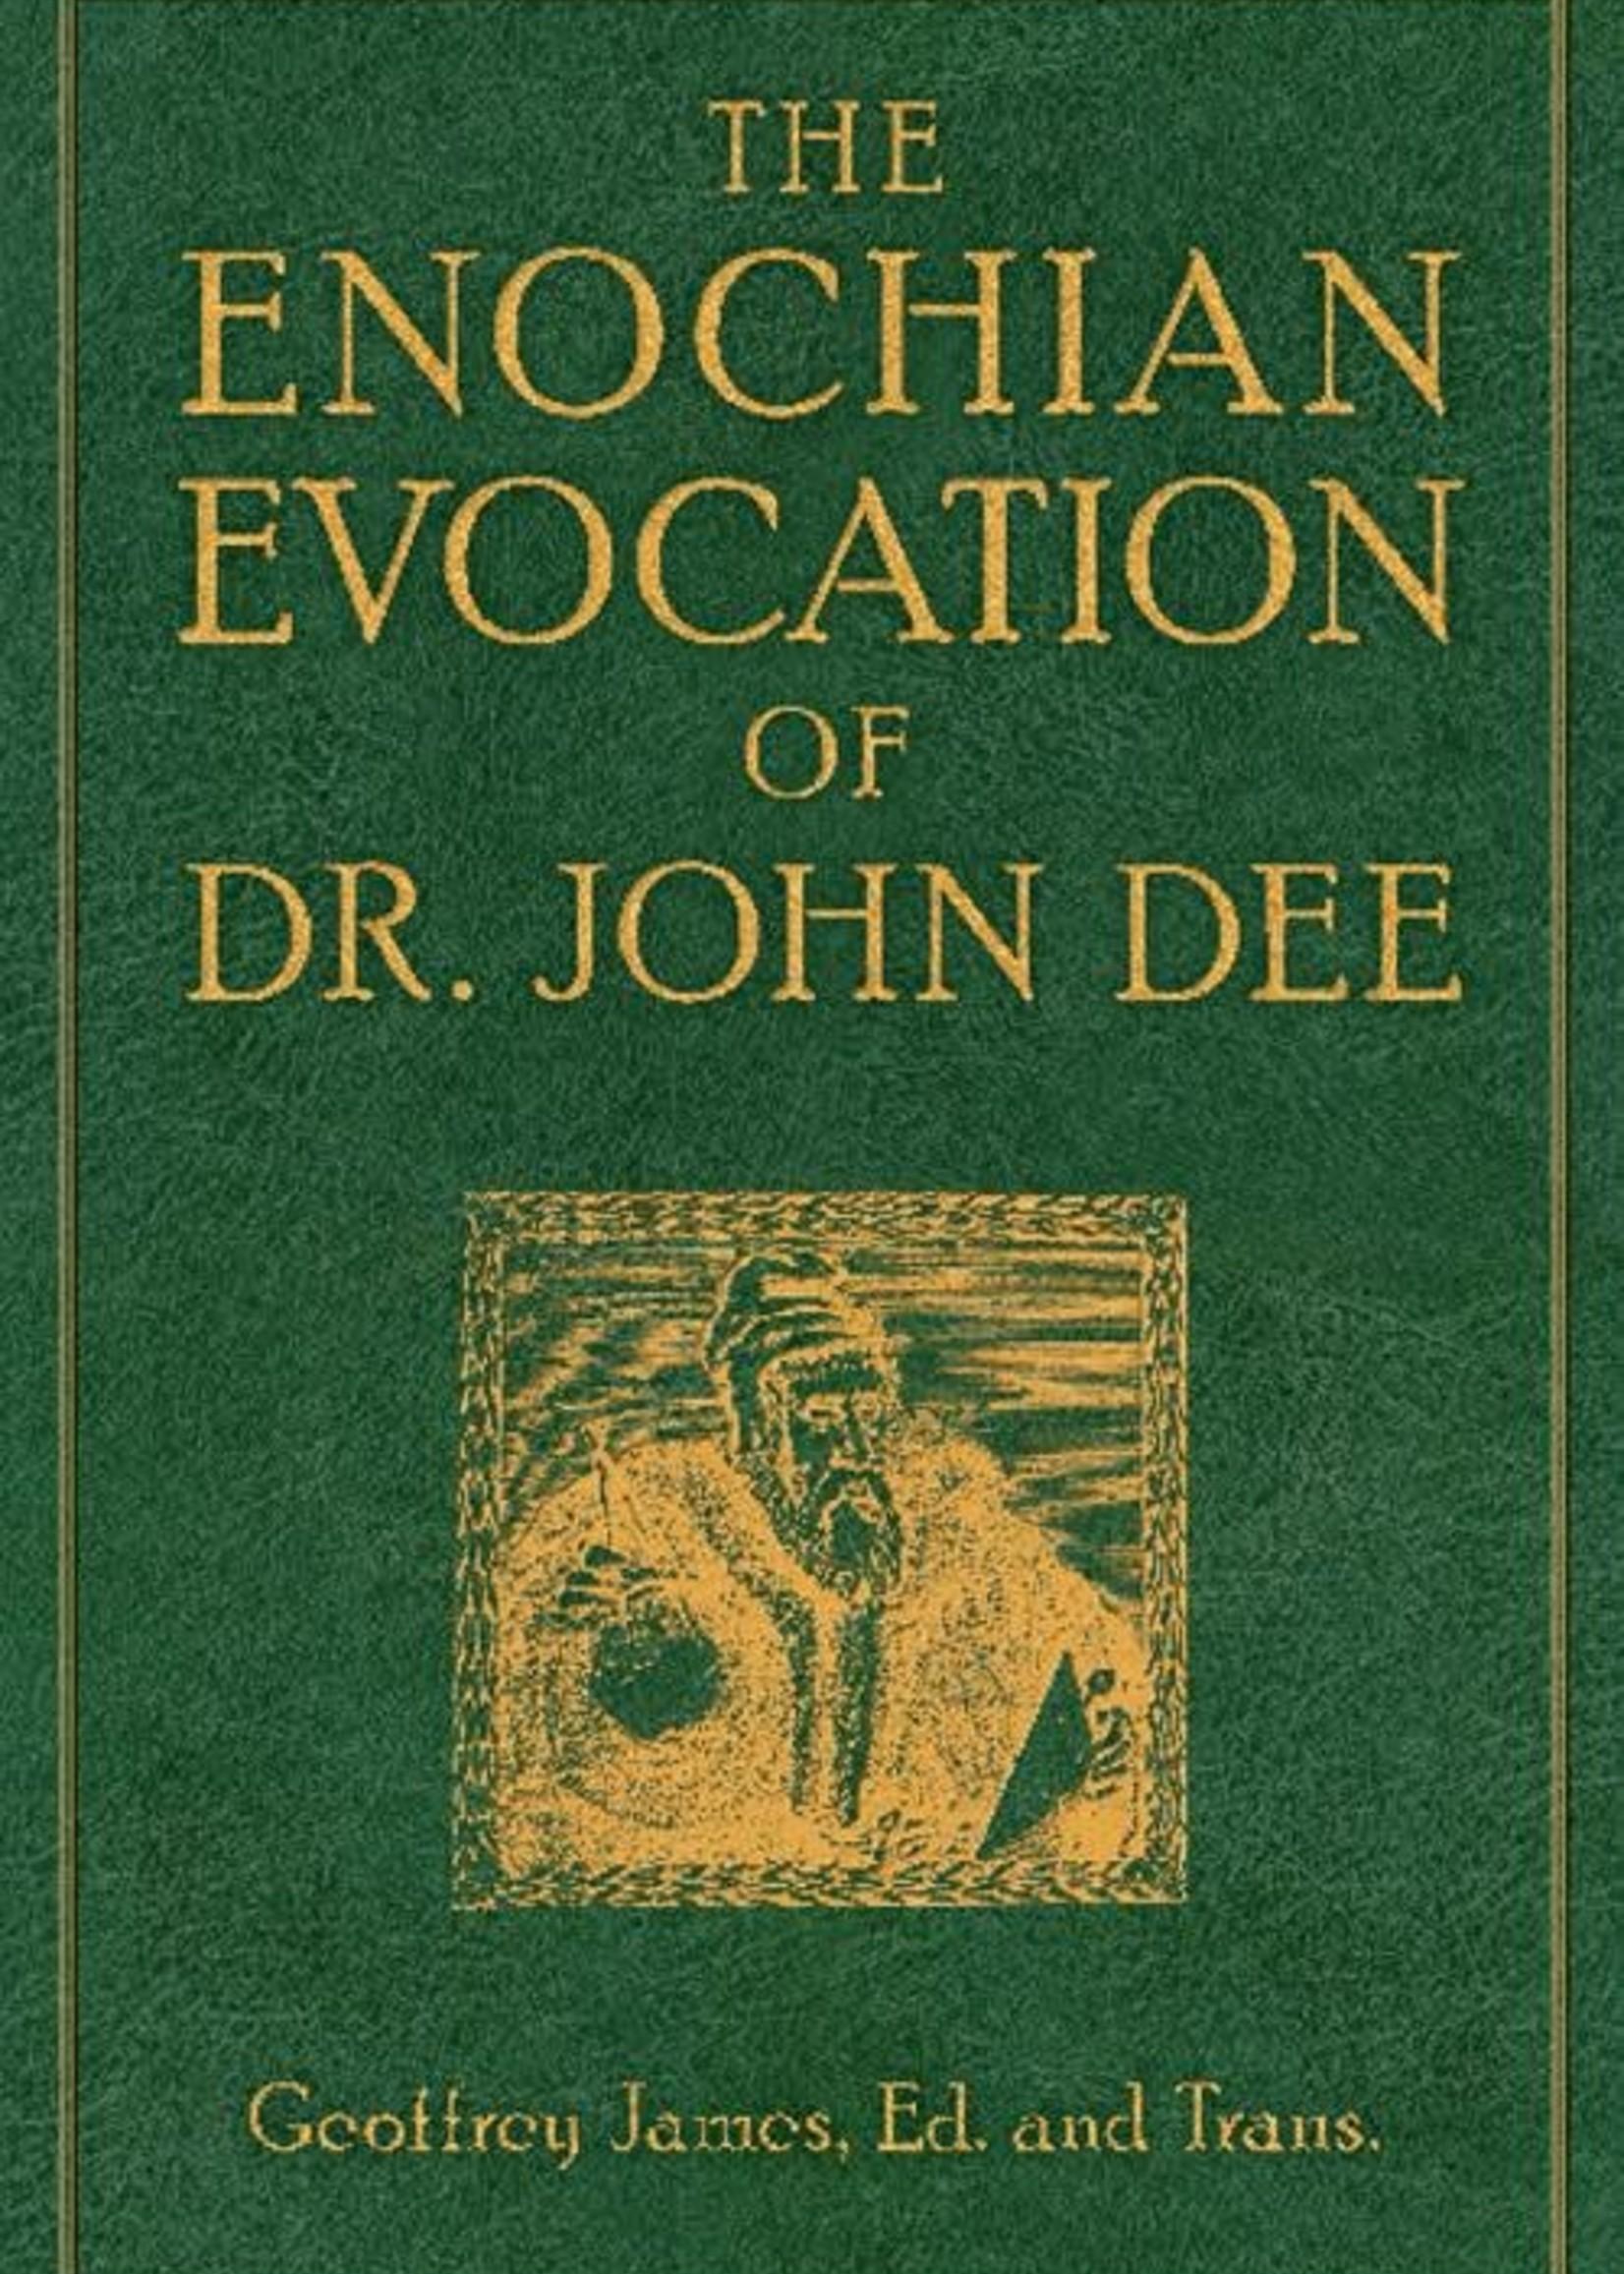 The Enochian Evocation of Dr. John Dee (Geoffrey James)